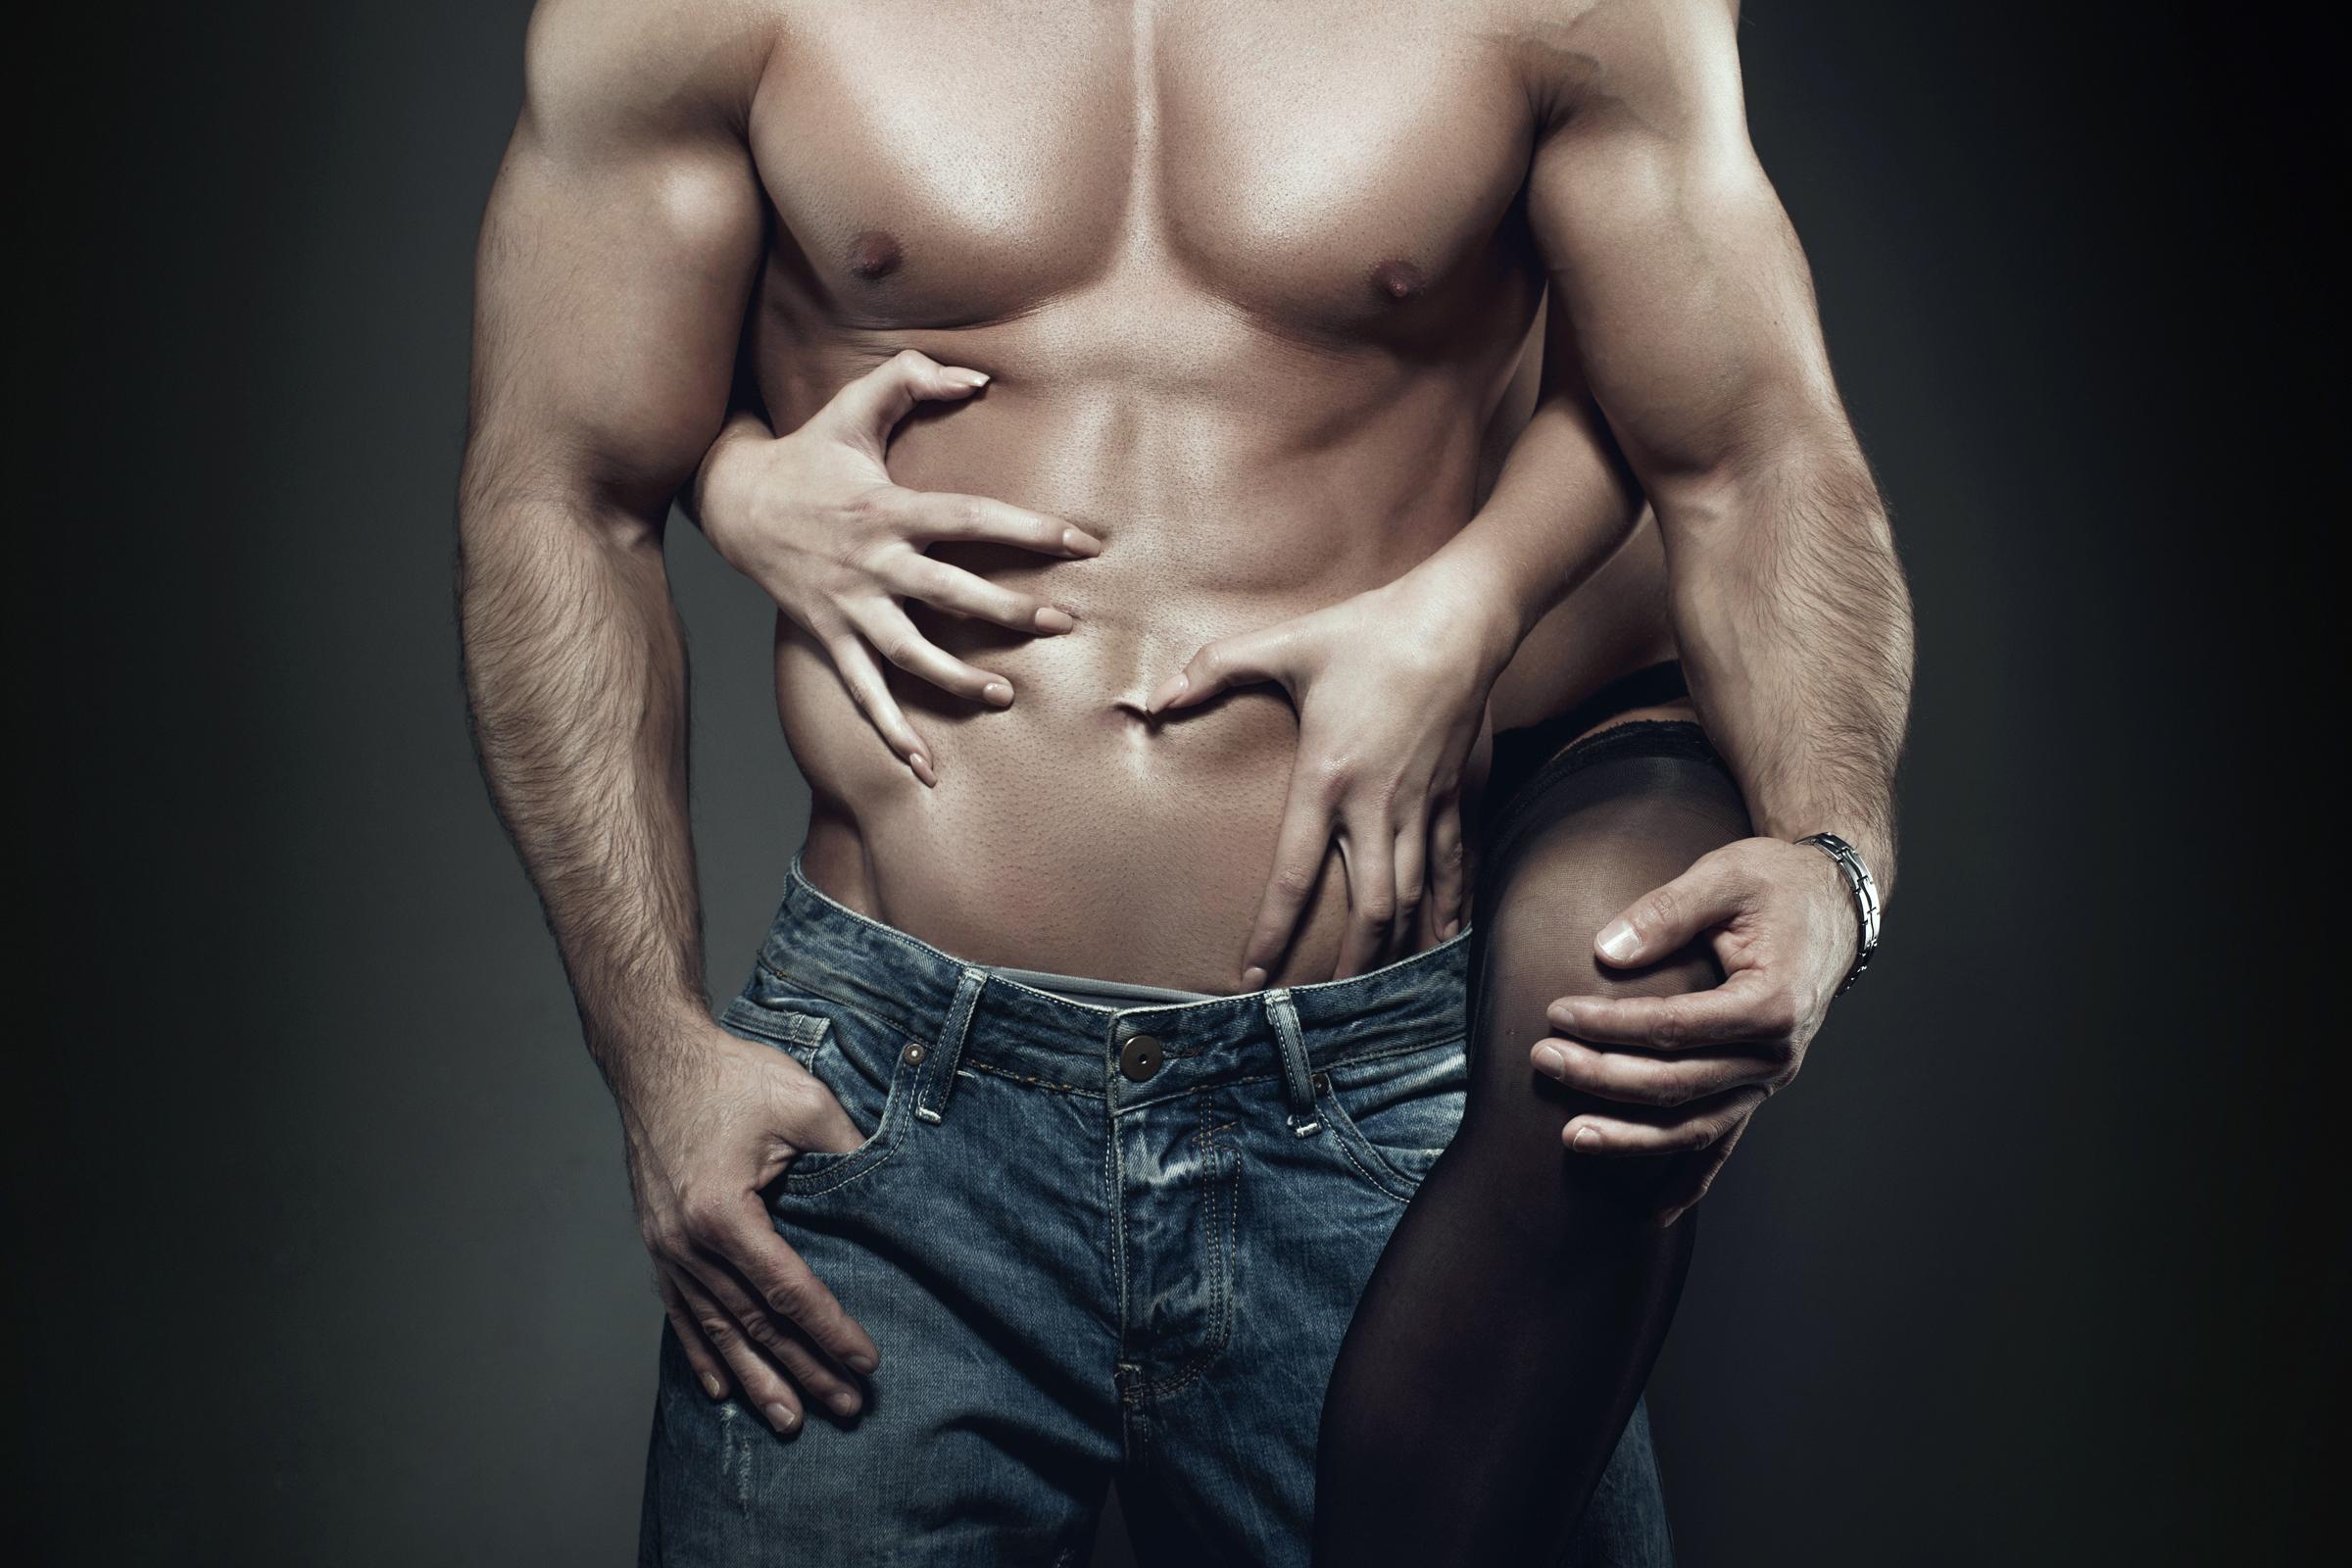 Különleges hímtagmustra: ezt rejtegetik nadrágjukban a híres férfiak